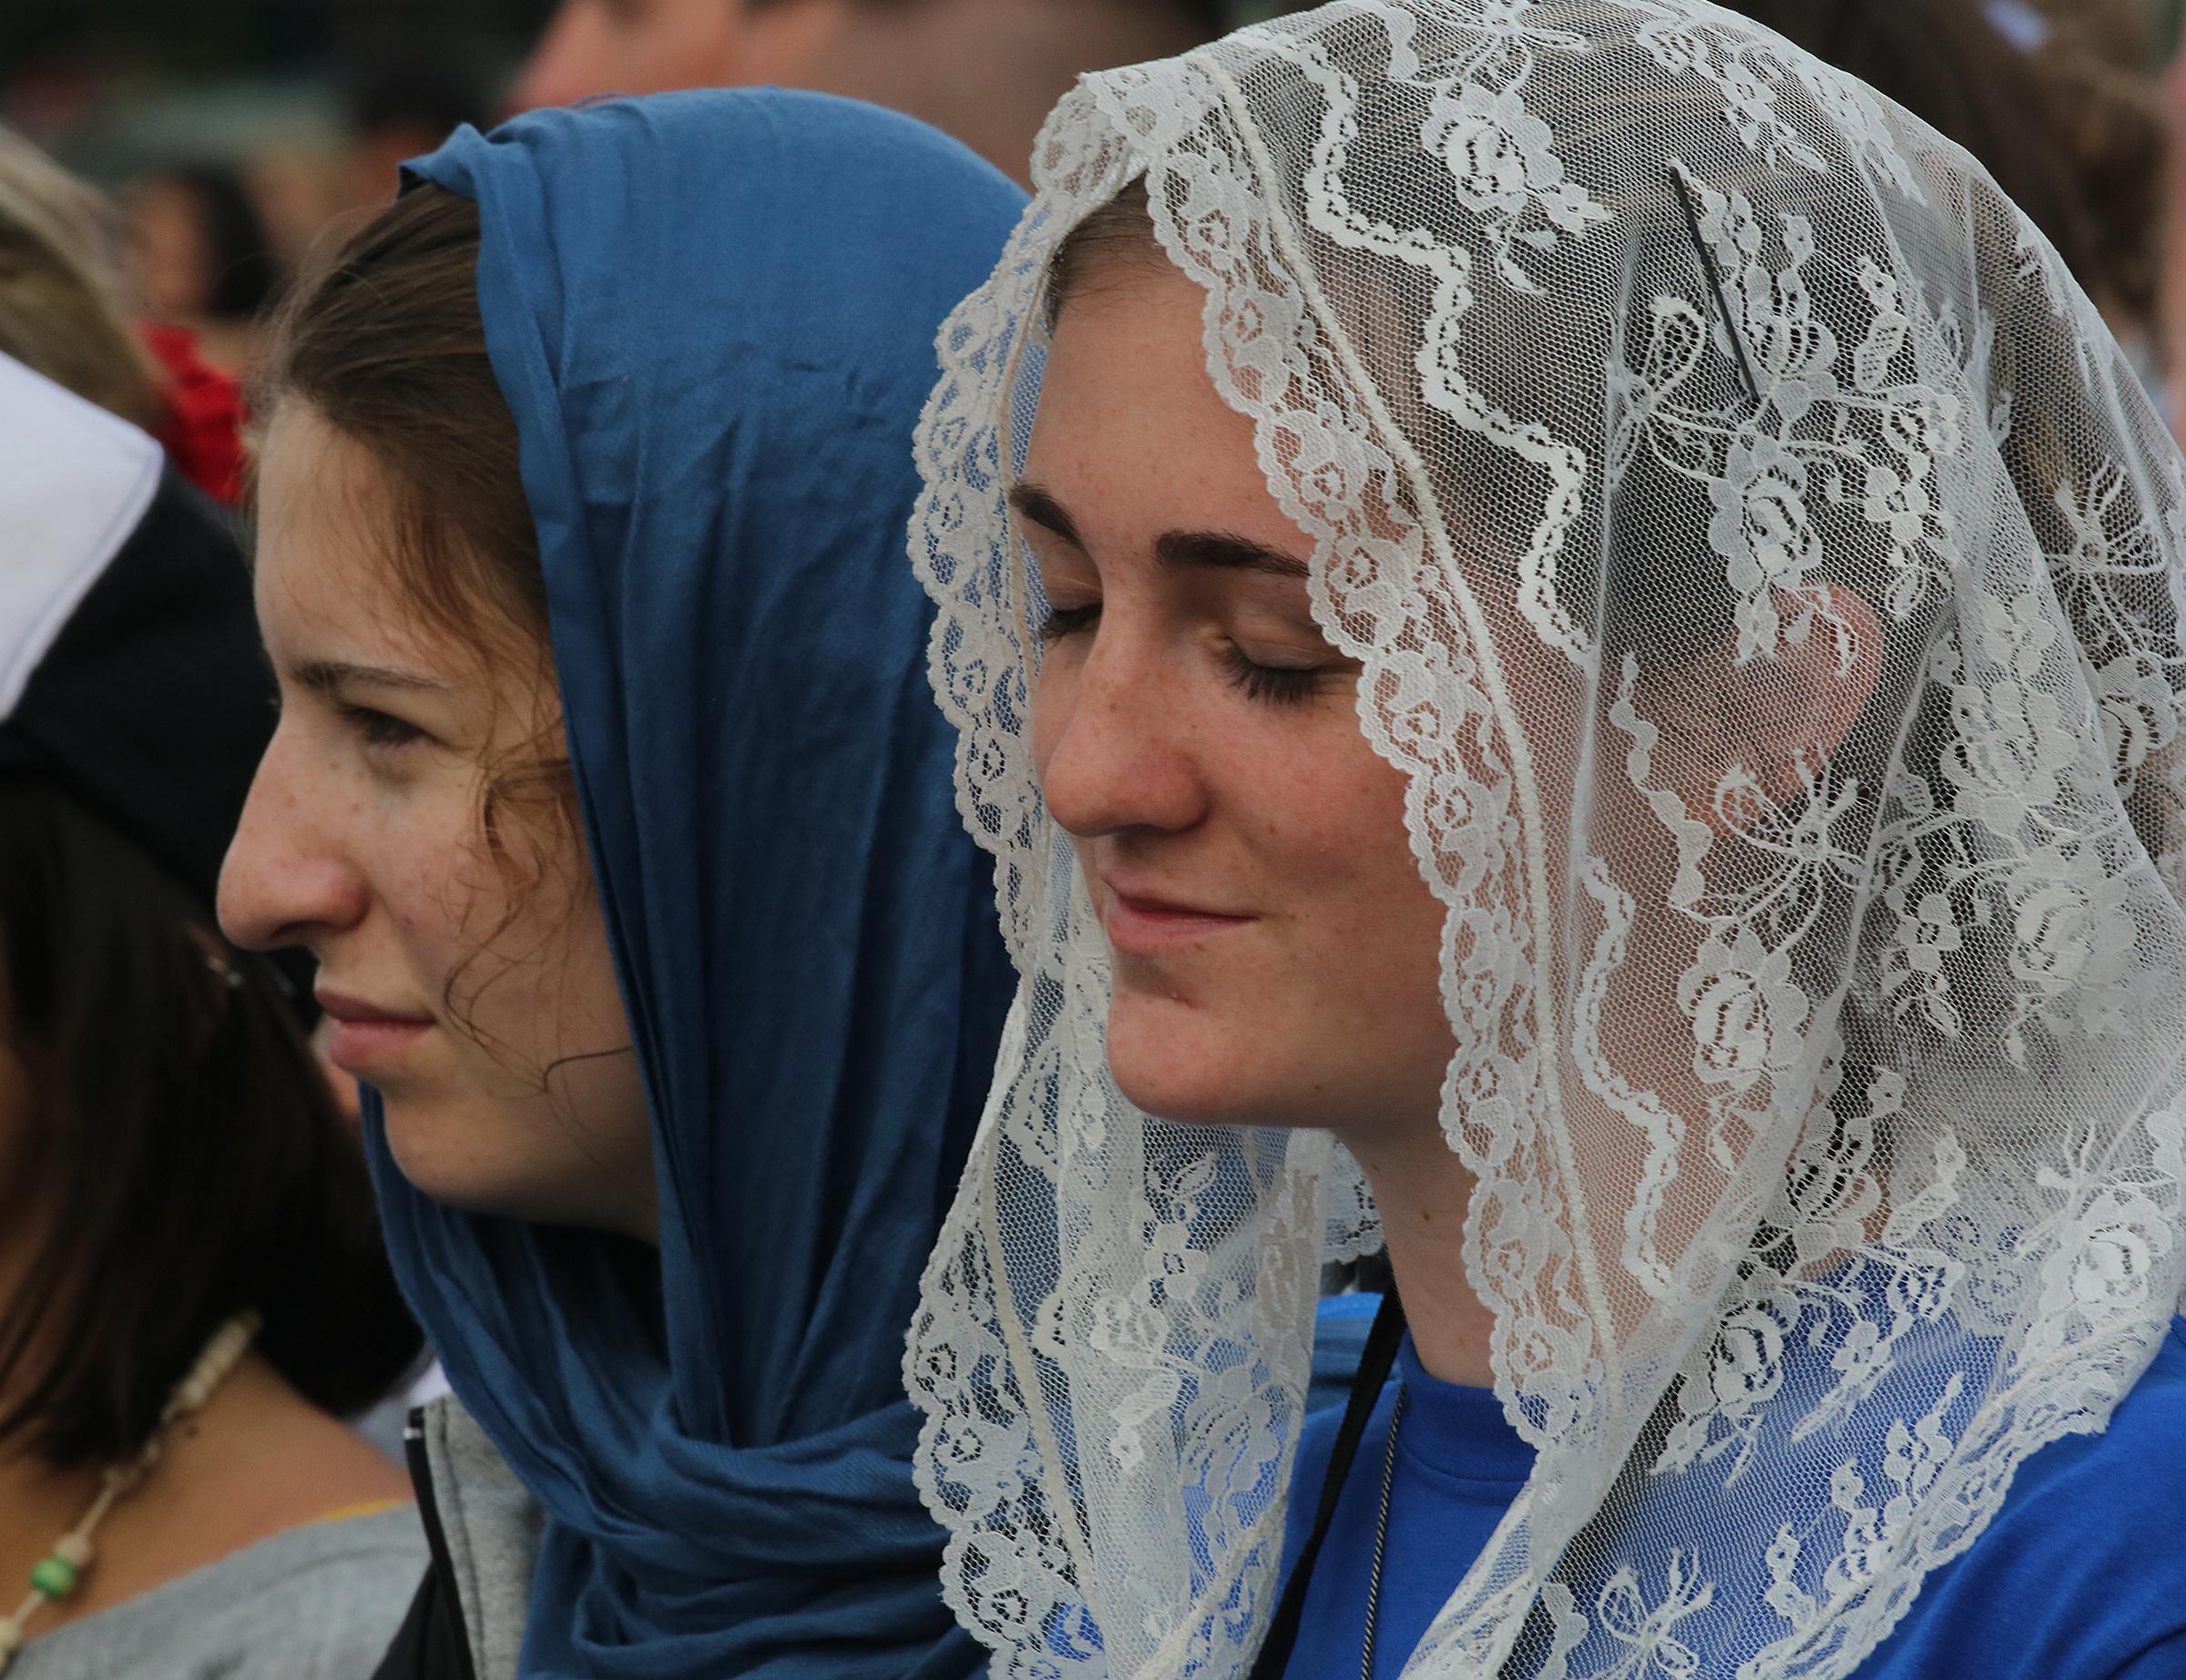 Praying pilgrims